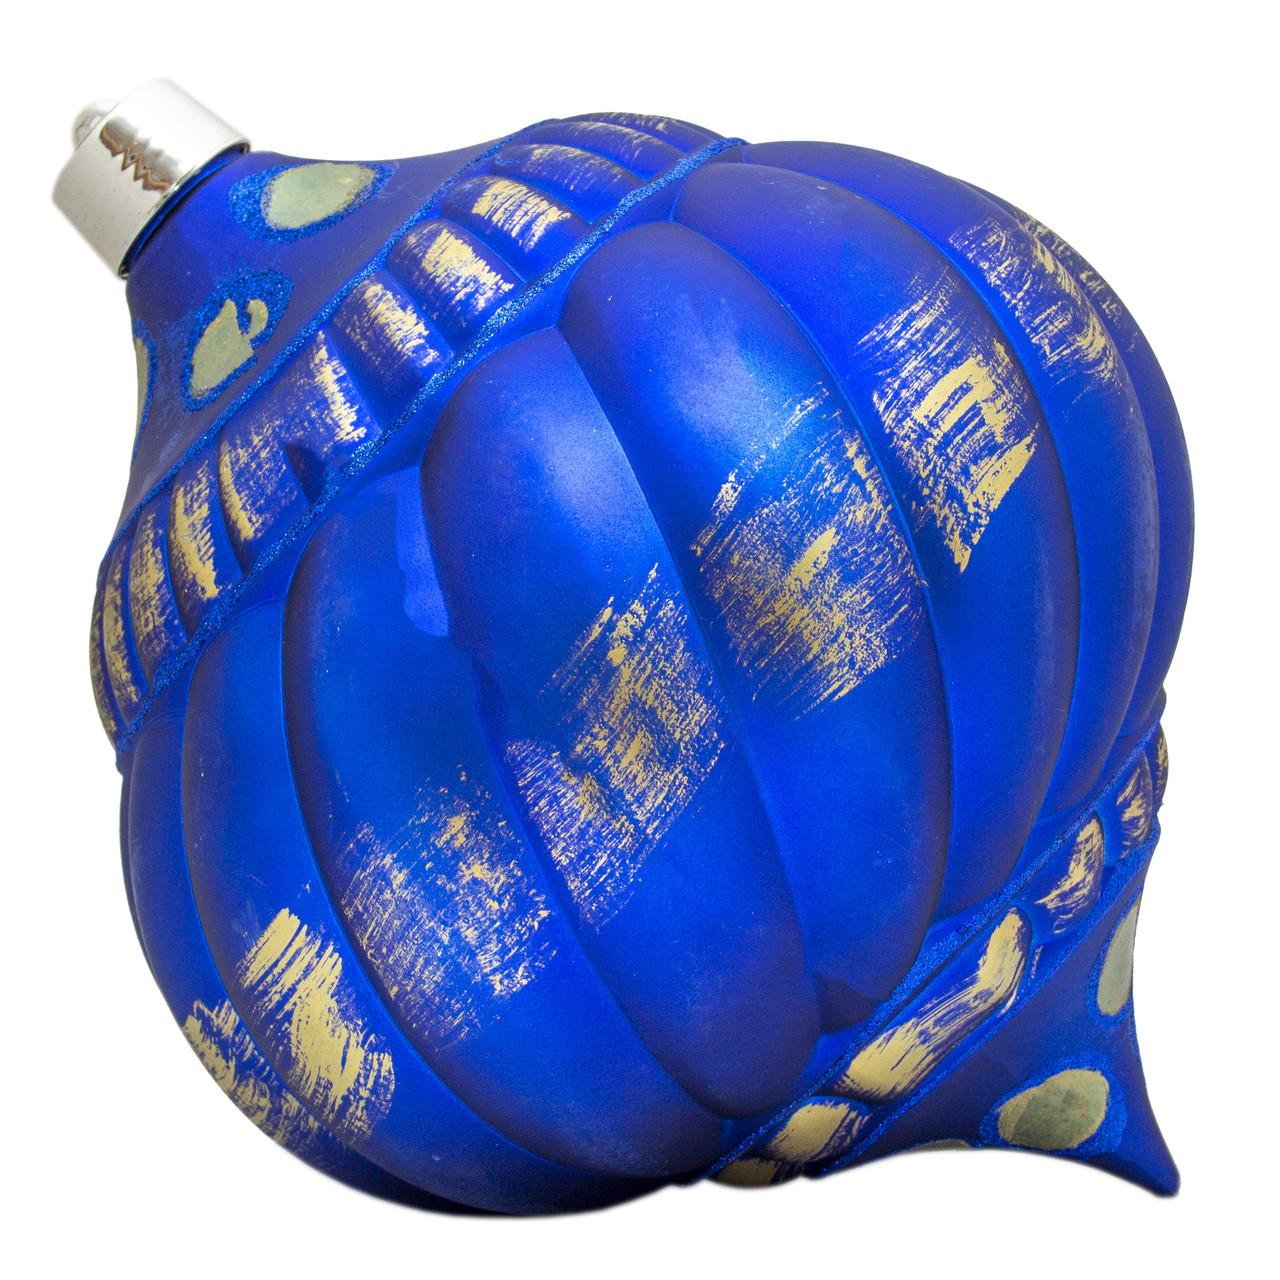 Большая елочная игрушка - тыква, 30 см, пластик, синий (030552-4)